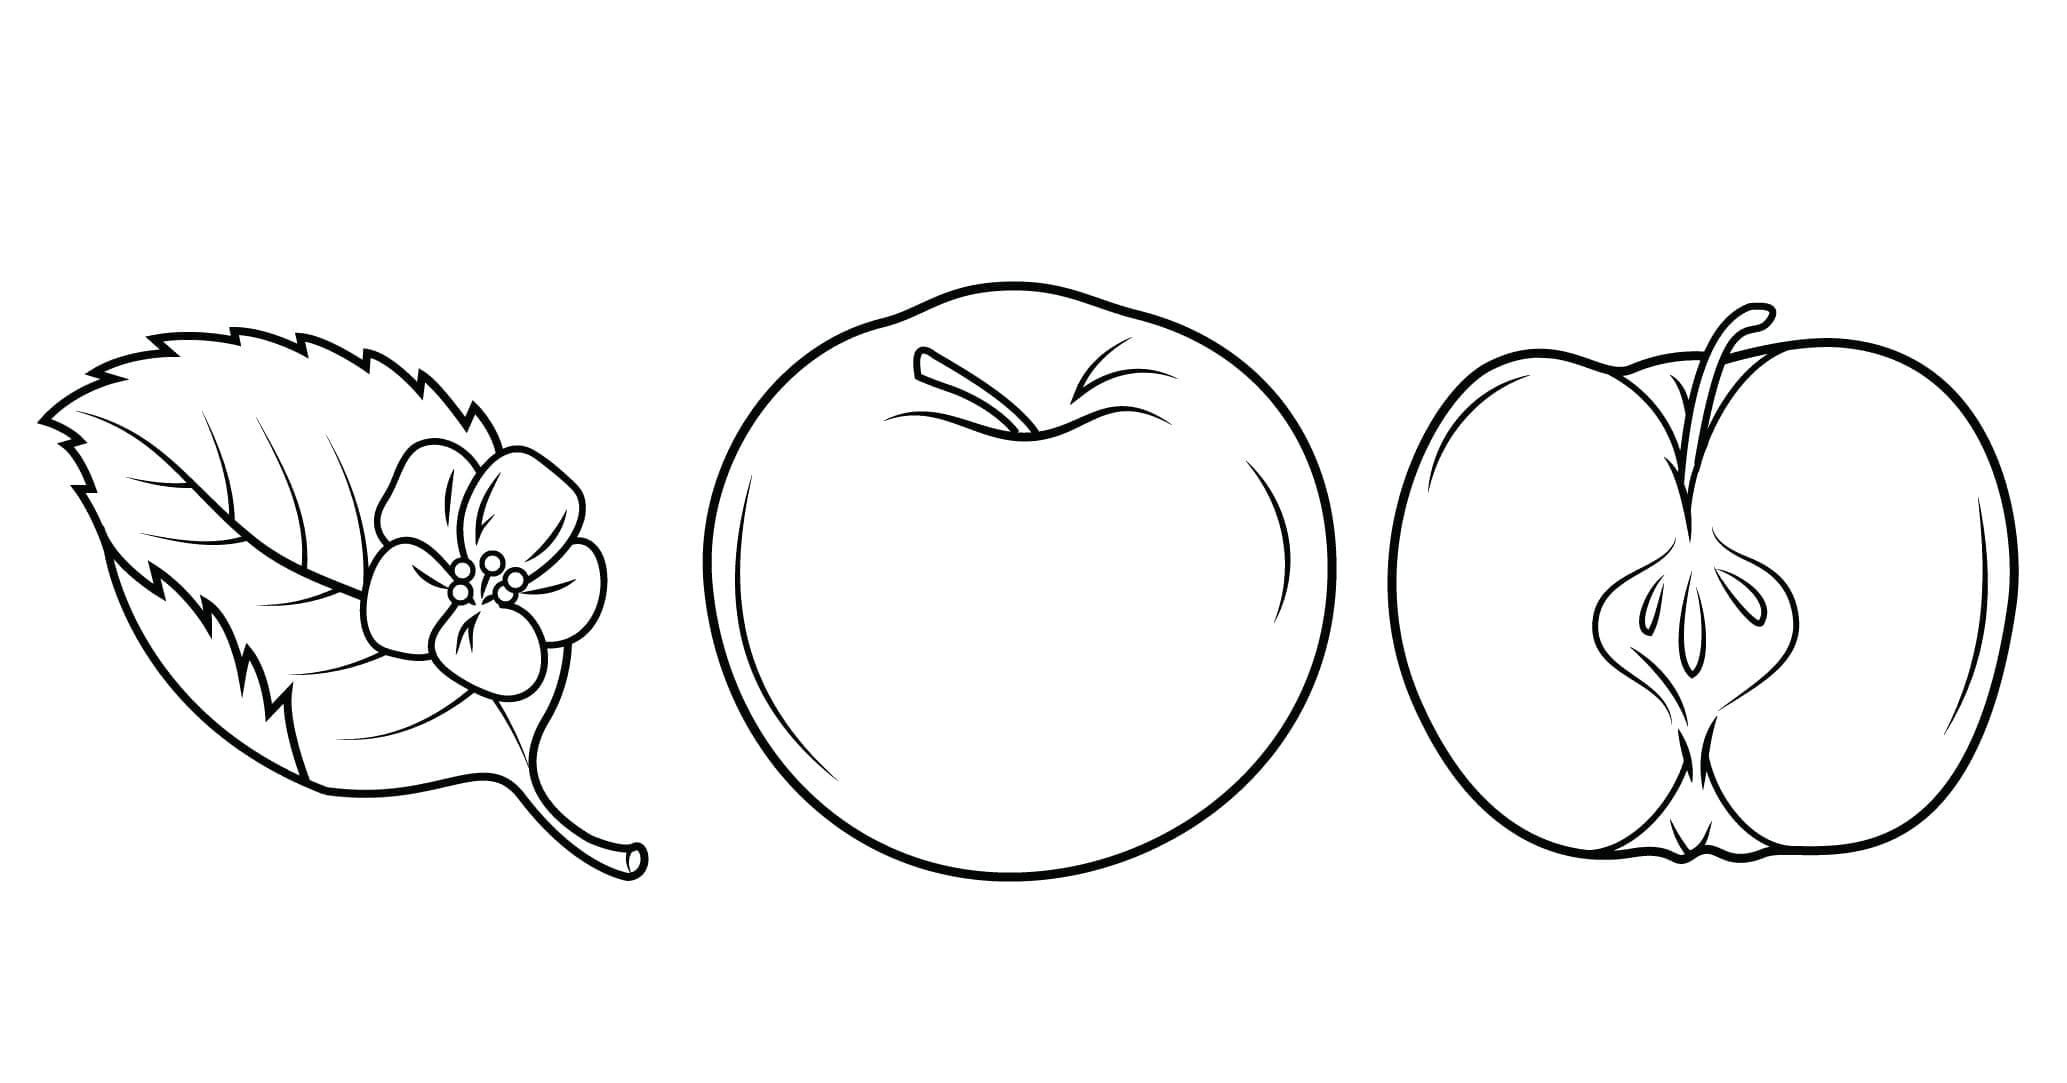 Раскраска фрукты. Скачайте или распечатайте онлайн